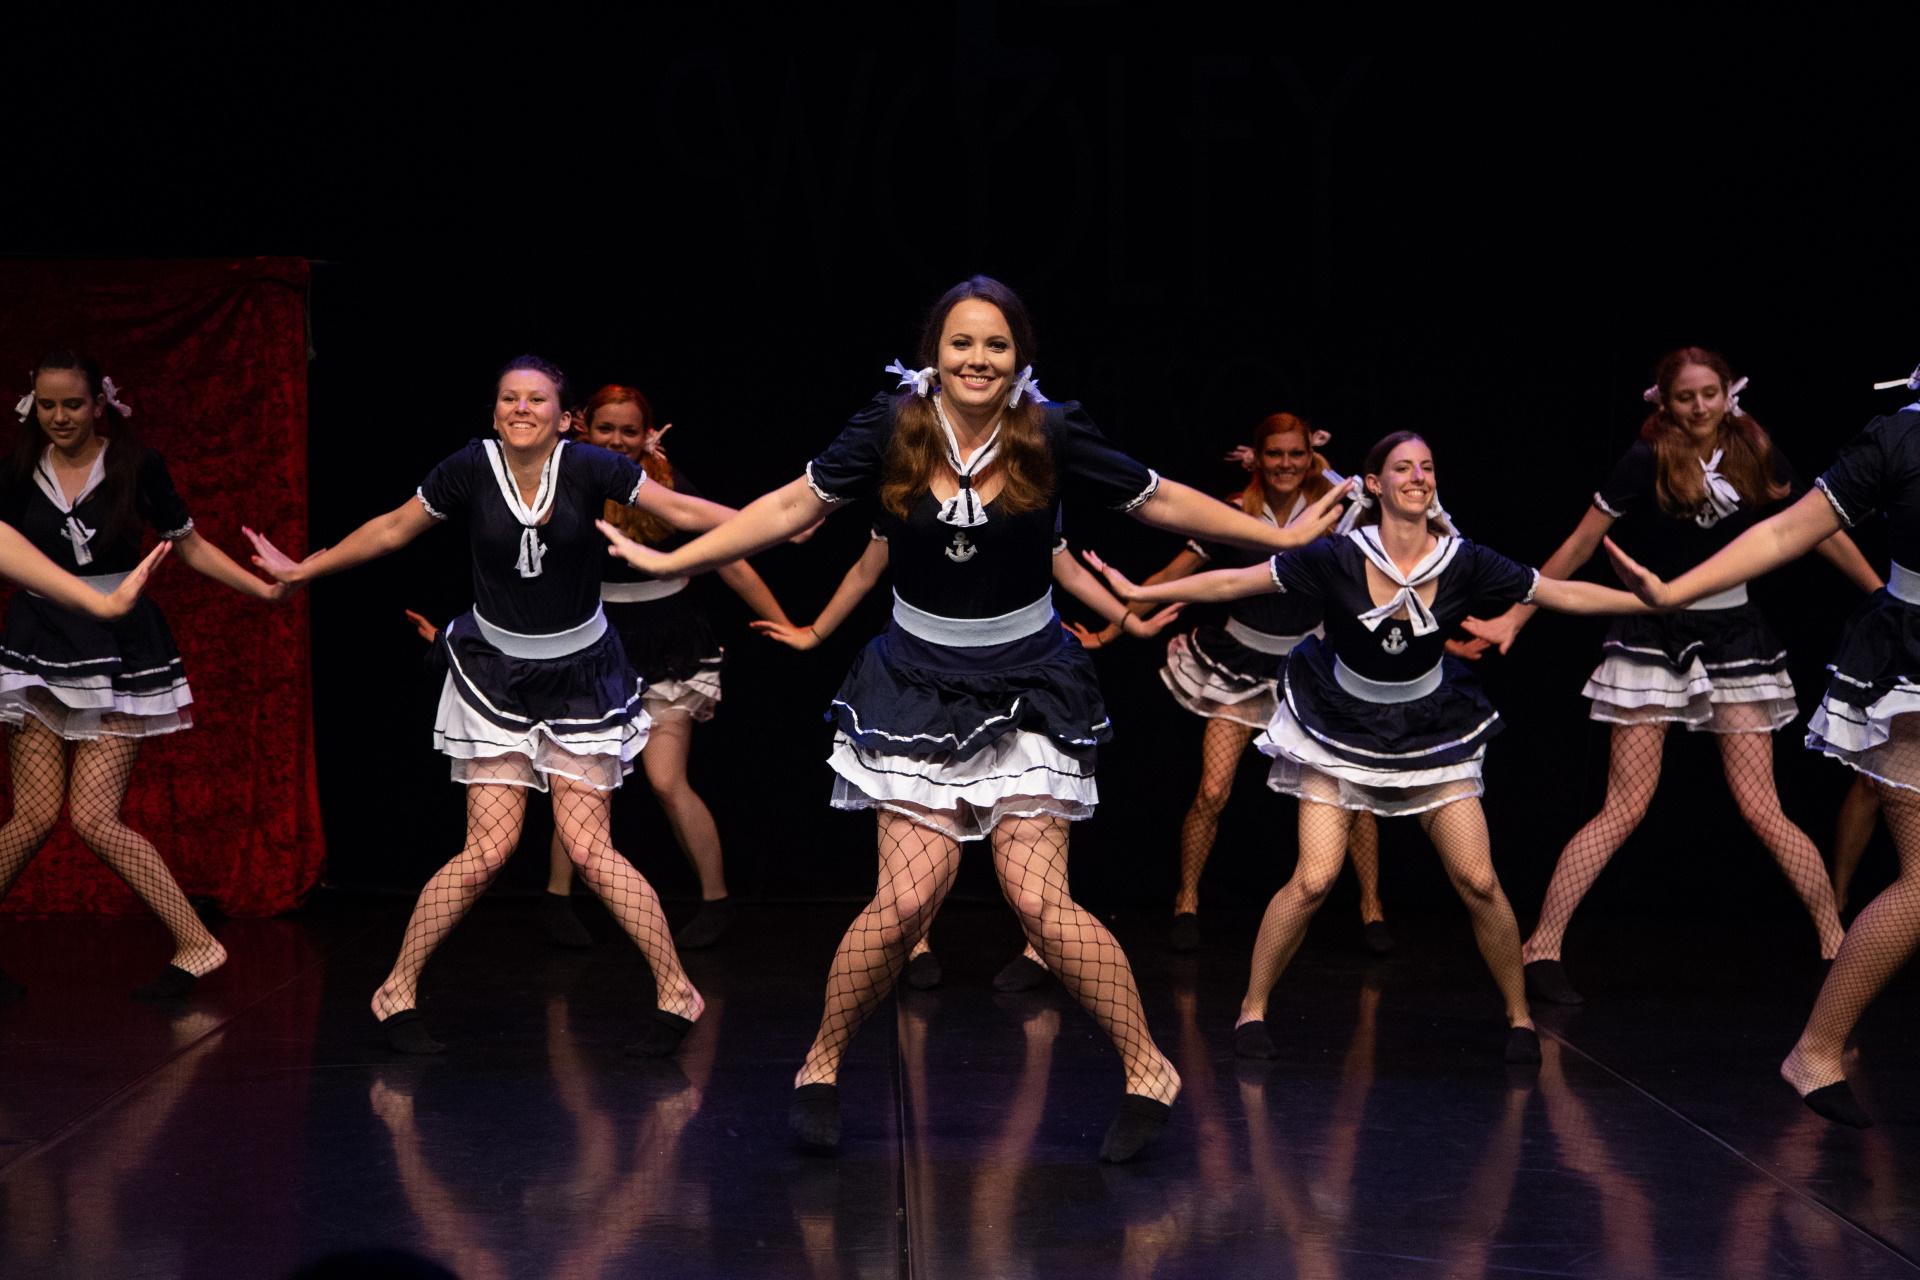 jazz-balet-dijaki-in-studentje-1-plesna-sola-wolfy